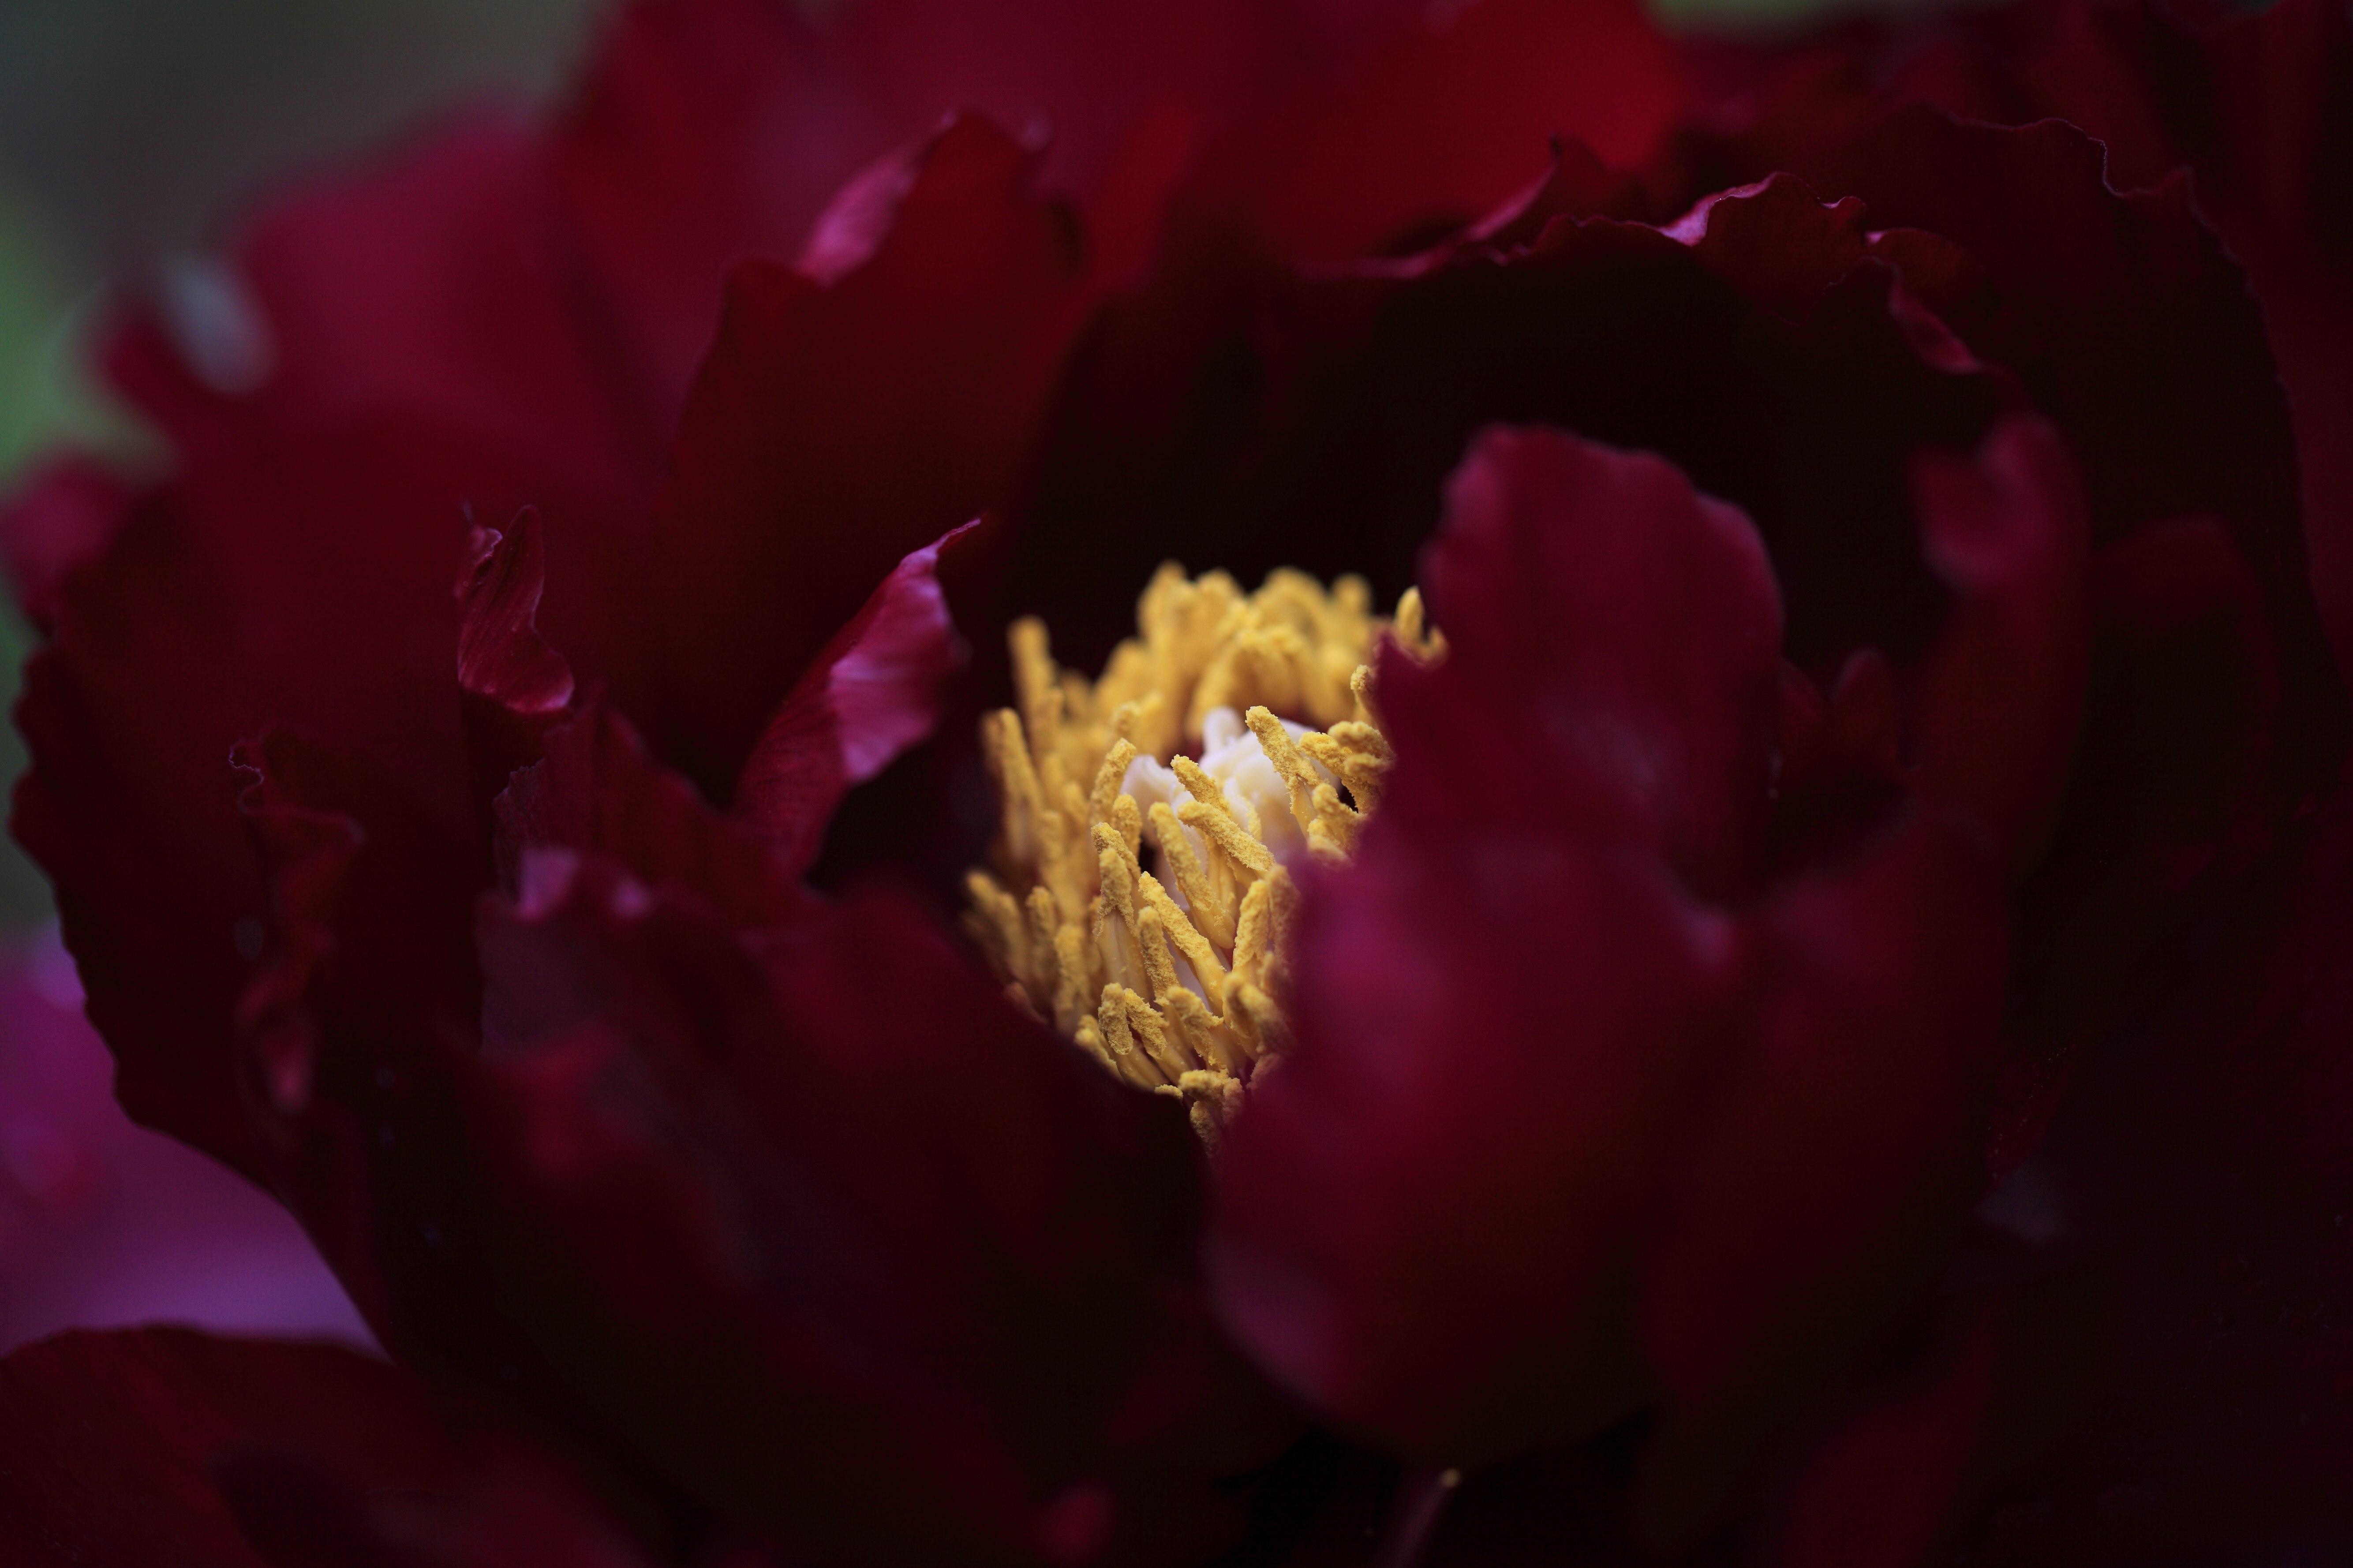 Image libre: nature, jardin, ombre, obscurité, fleur, rose, pétale ...